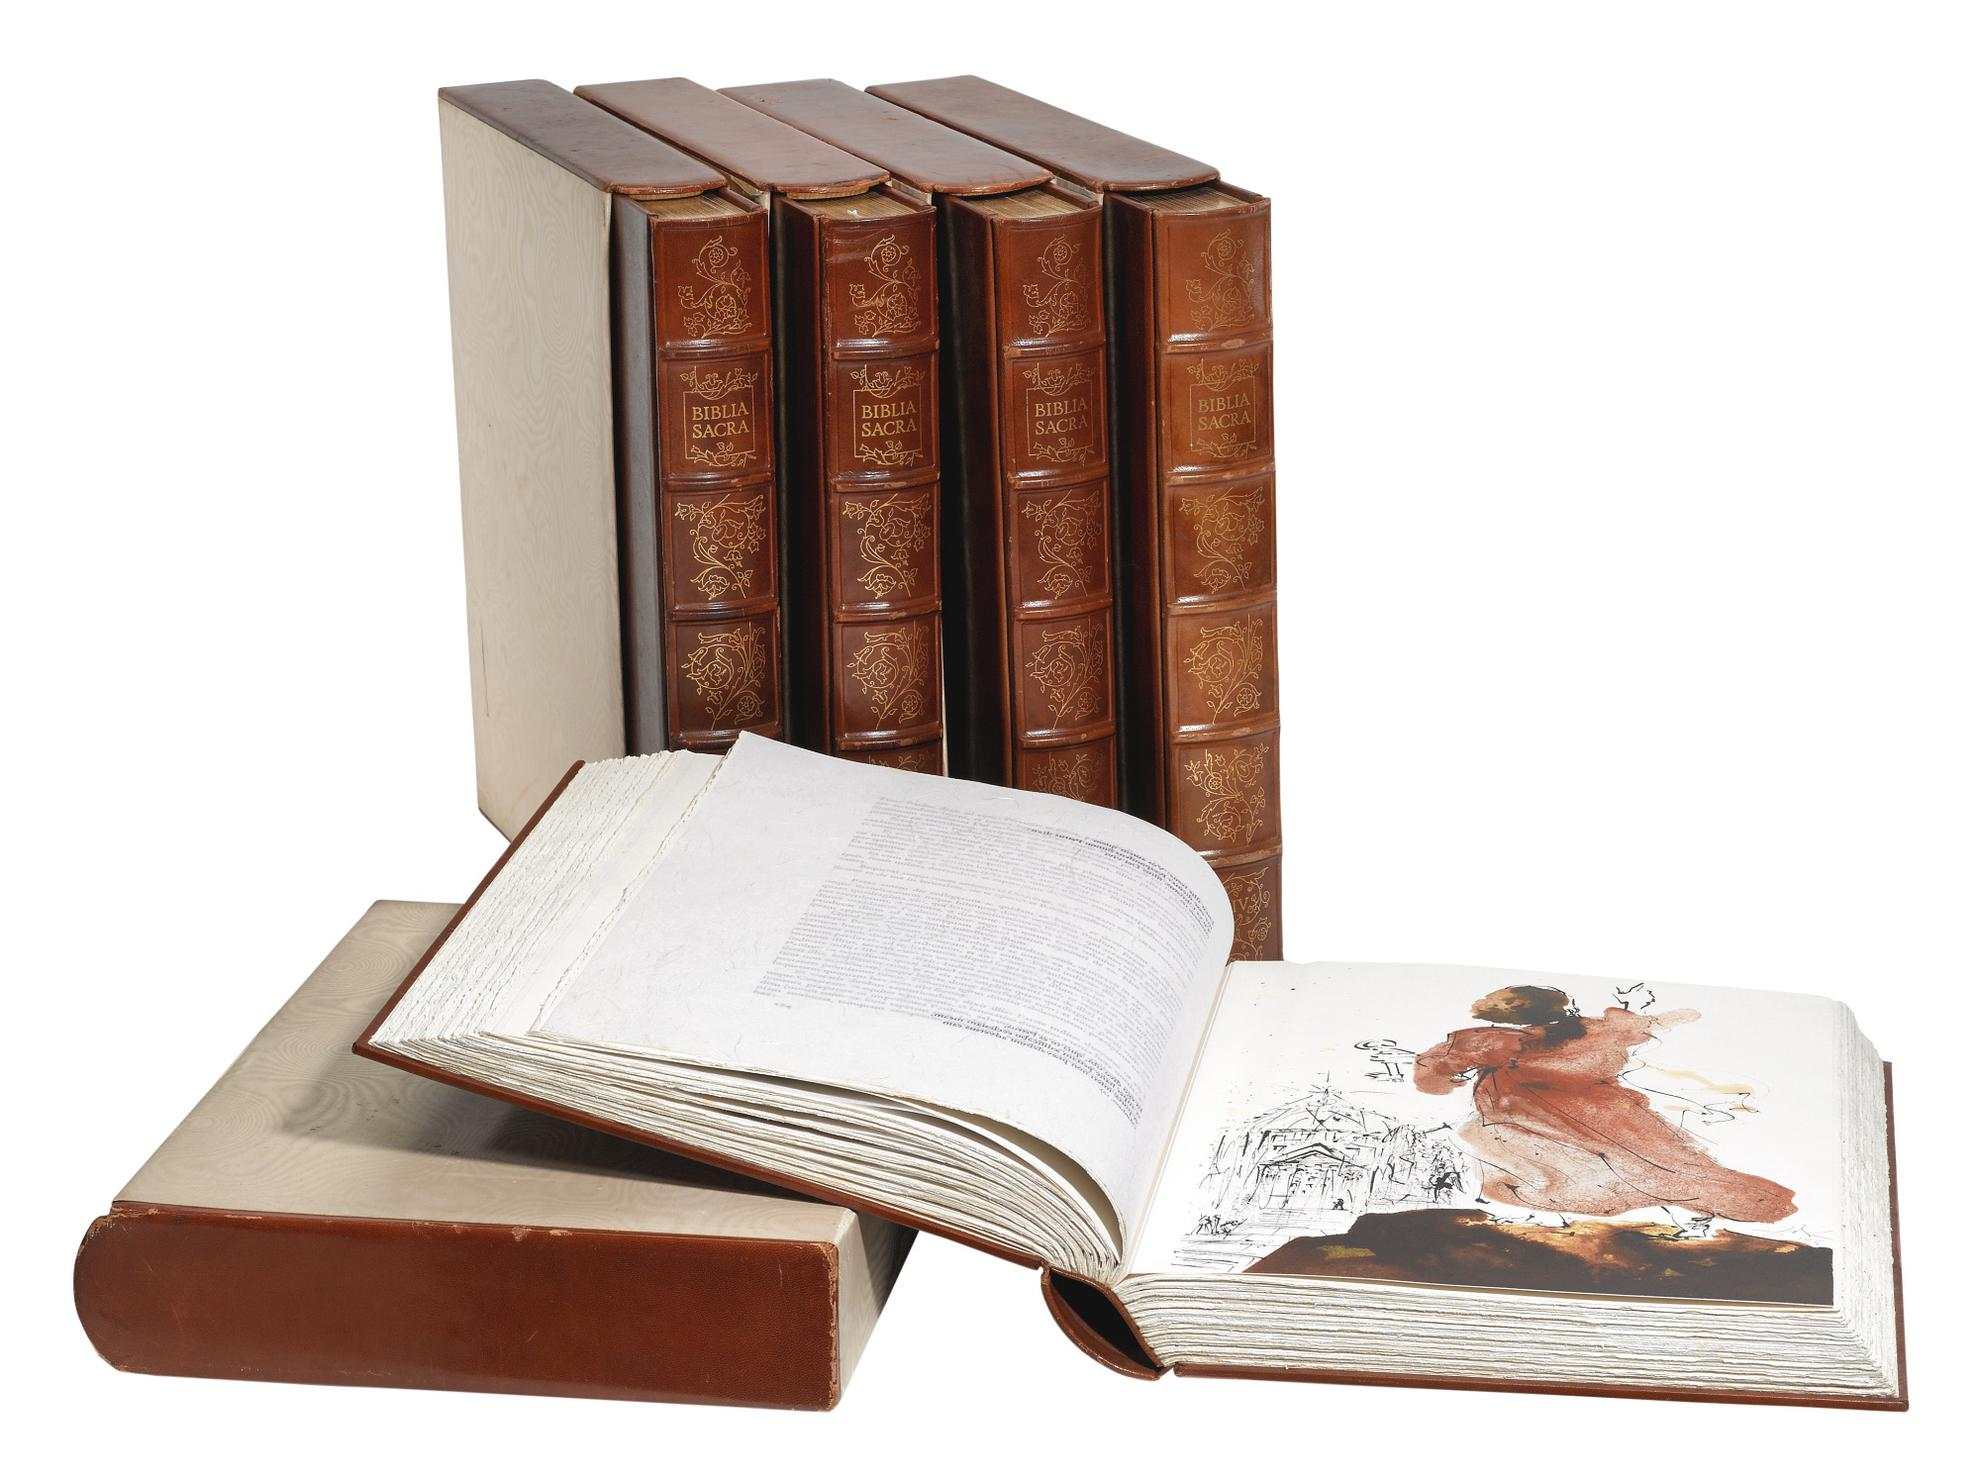 After Salvador Dali - Biblia Sacra (M. & L. 1600; F. 69.3)-1967